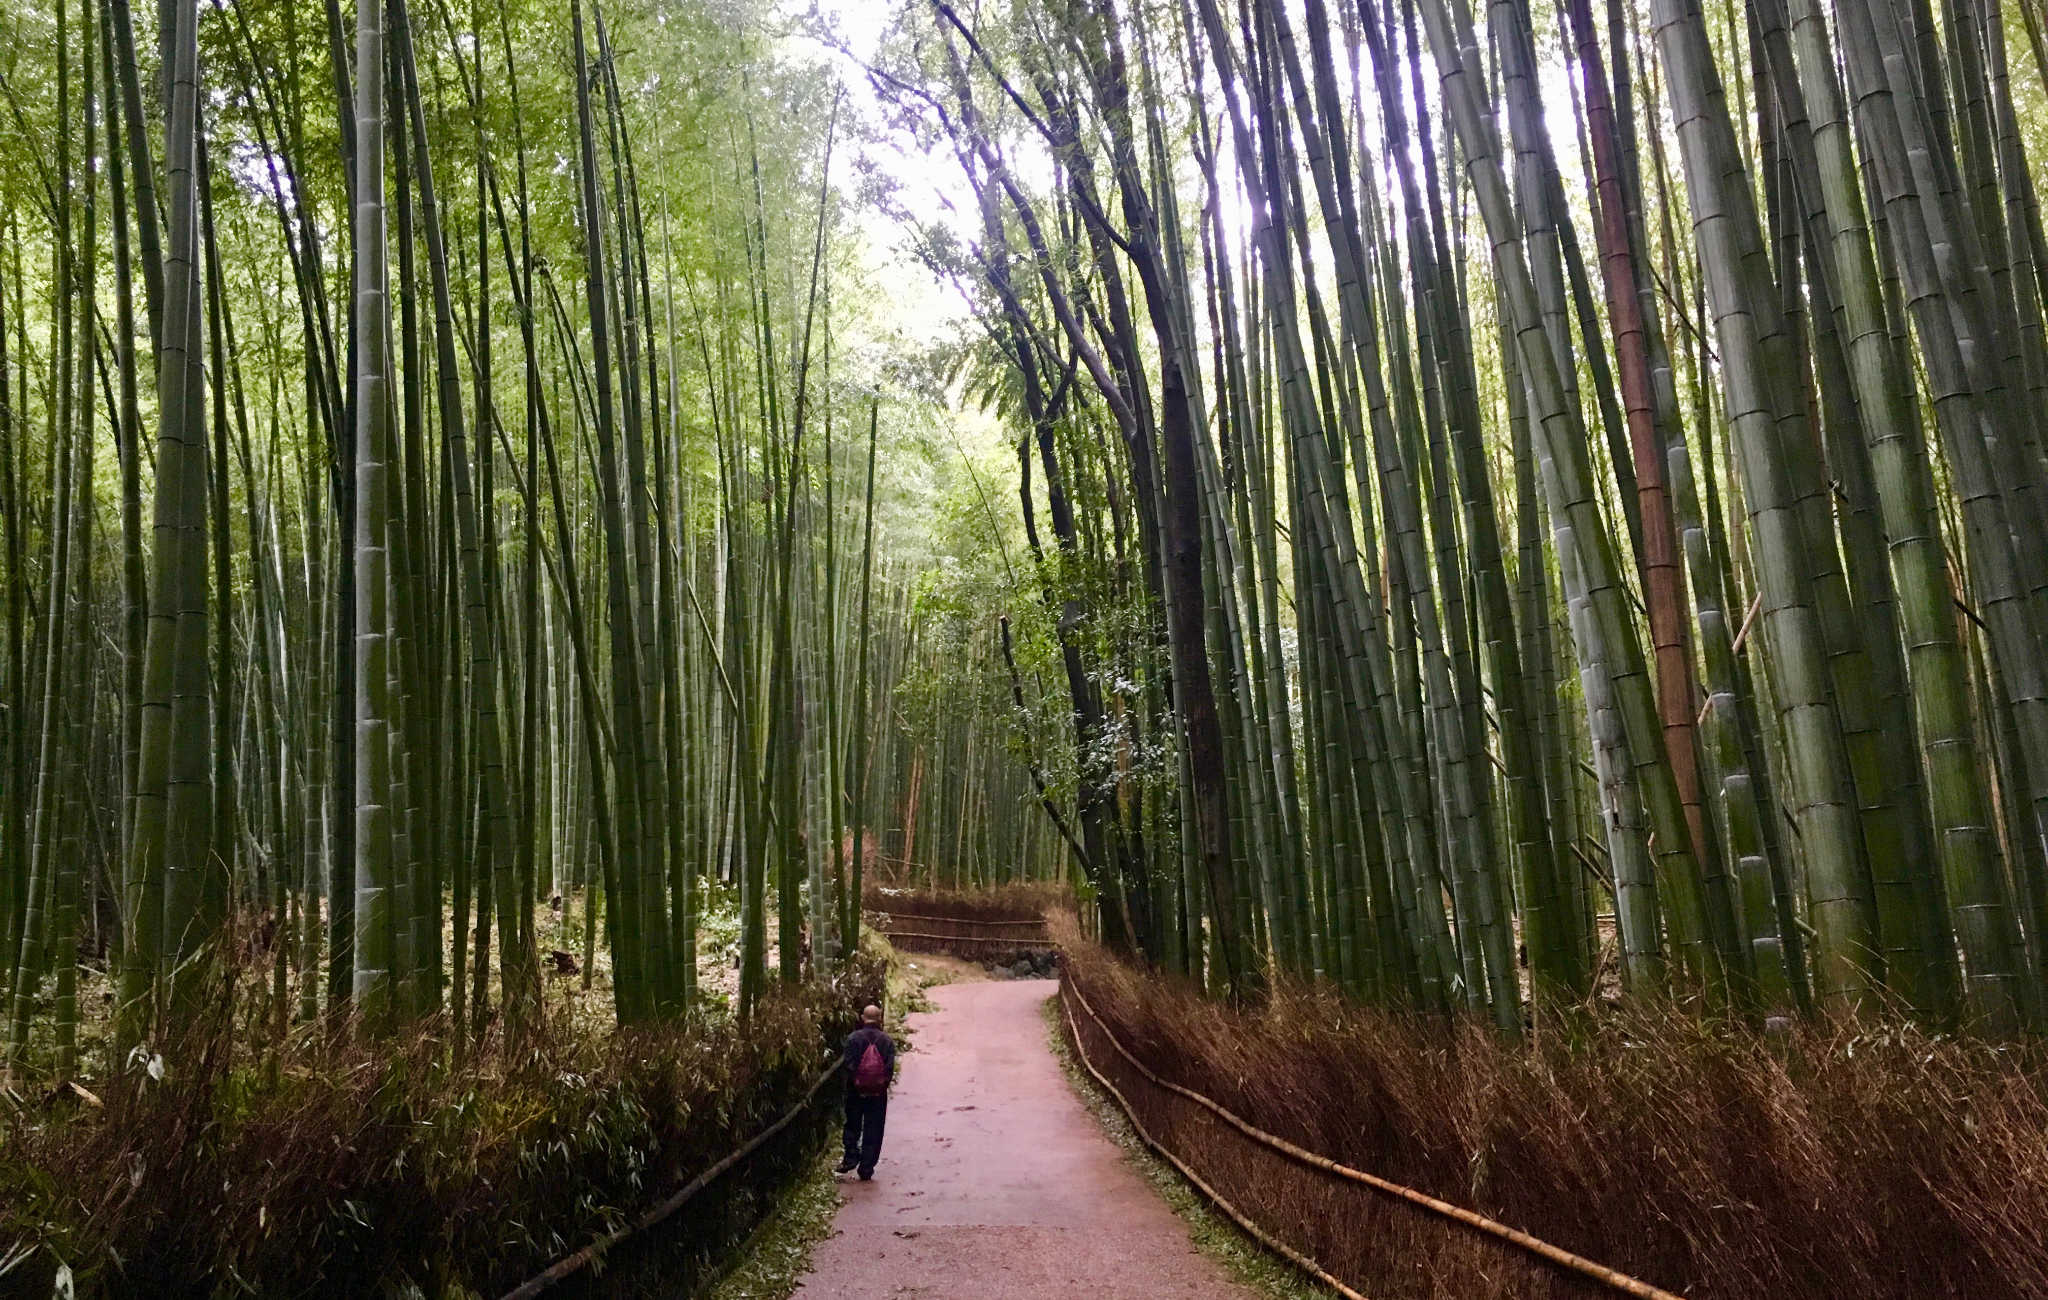 Tôt le matin, la lumière est très particulière entre les bambous